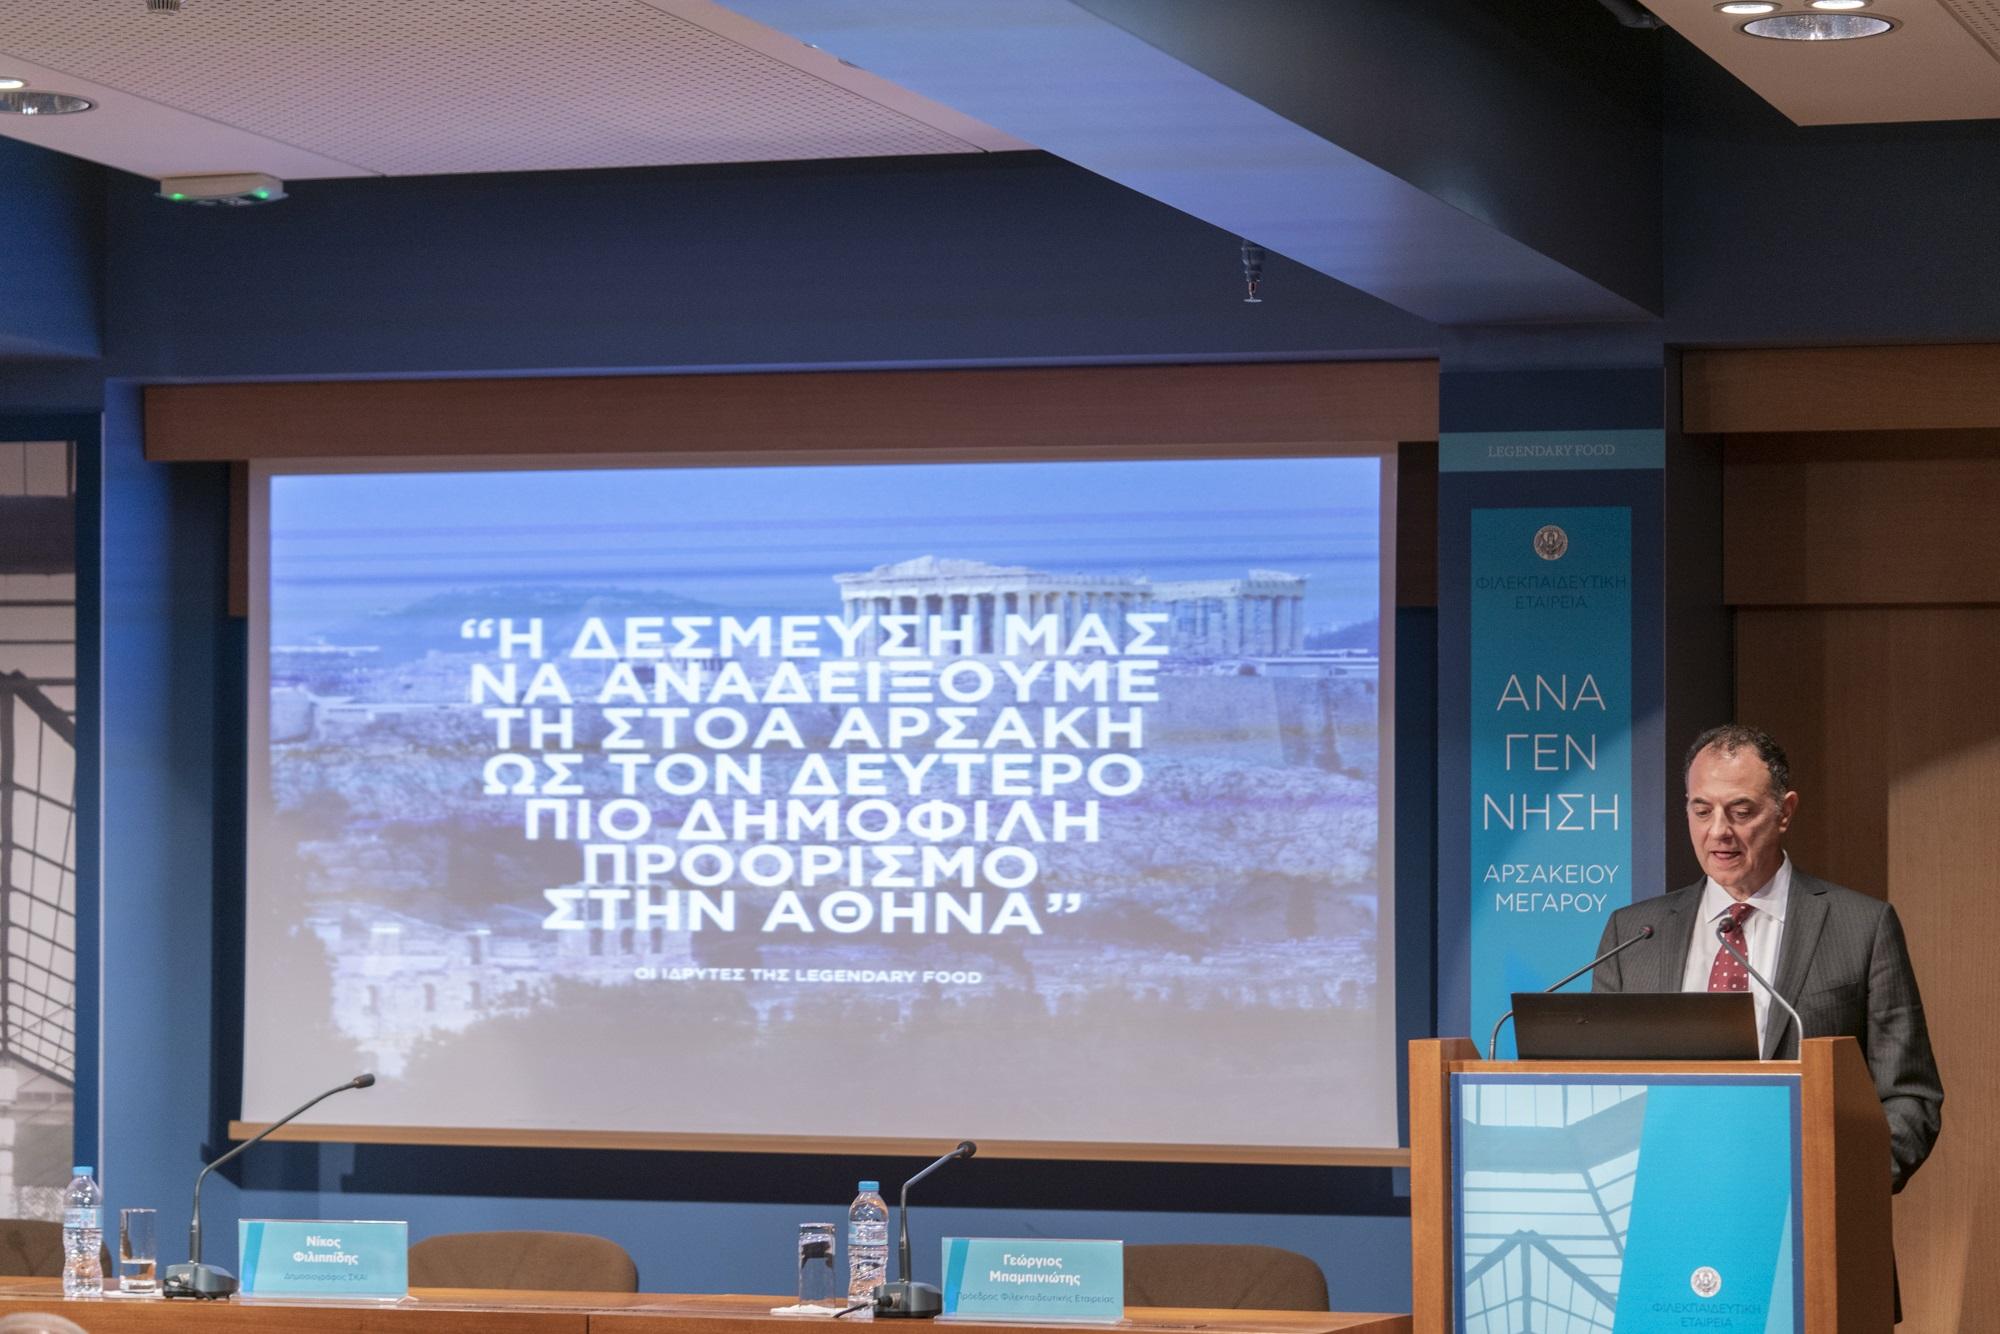 Το πρώτο Food Hall της Ελλάδας στην ανανεωμένη Στοά Αρσακείου